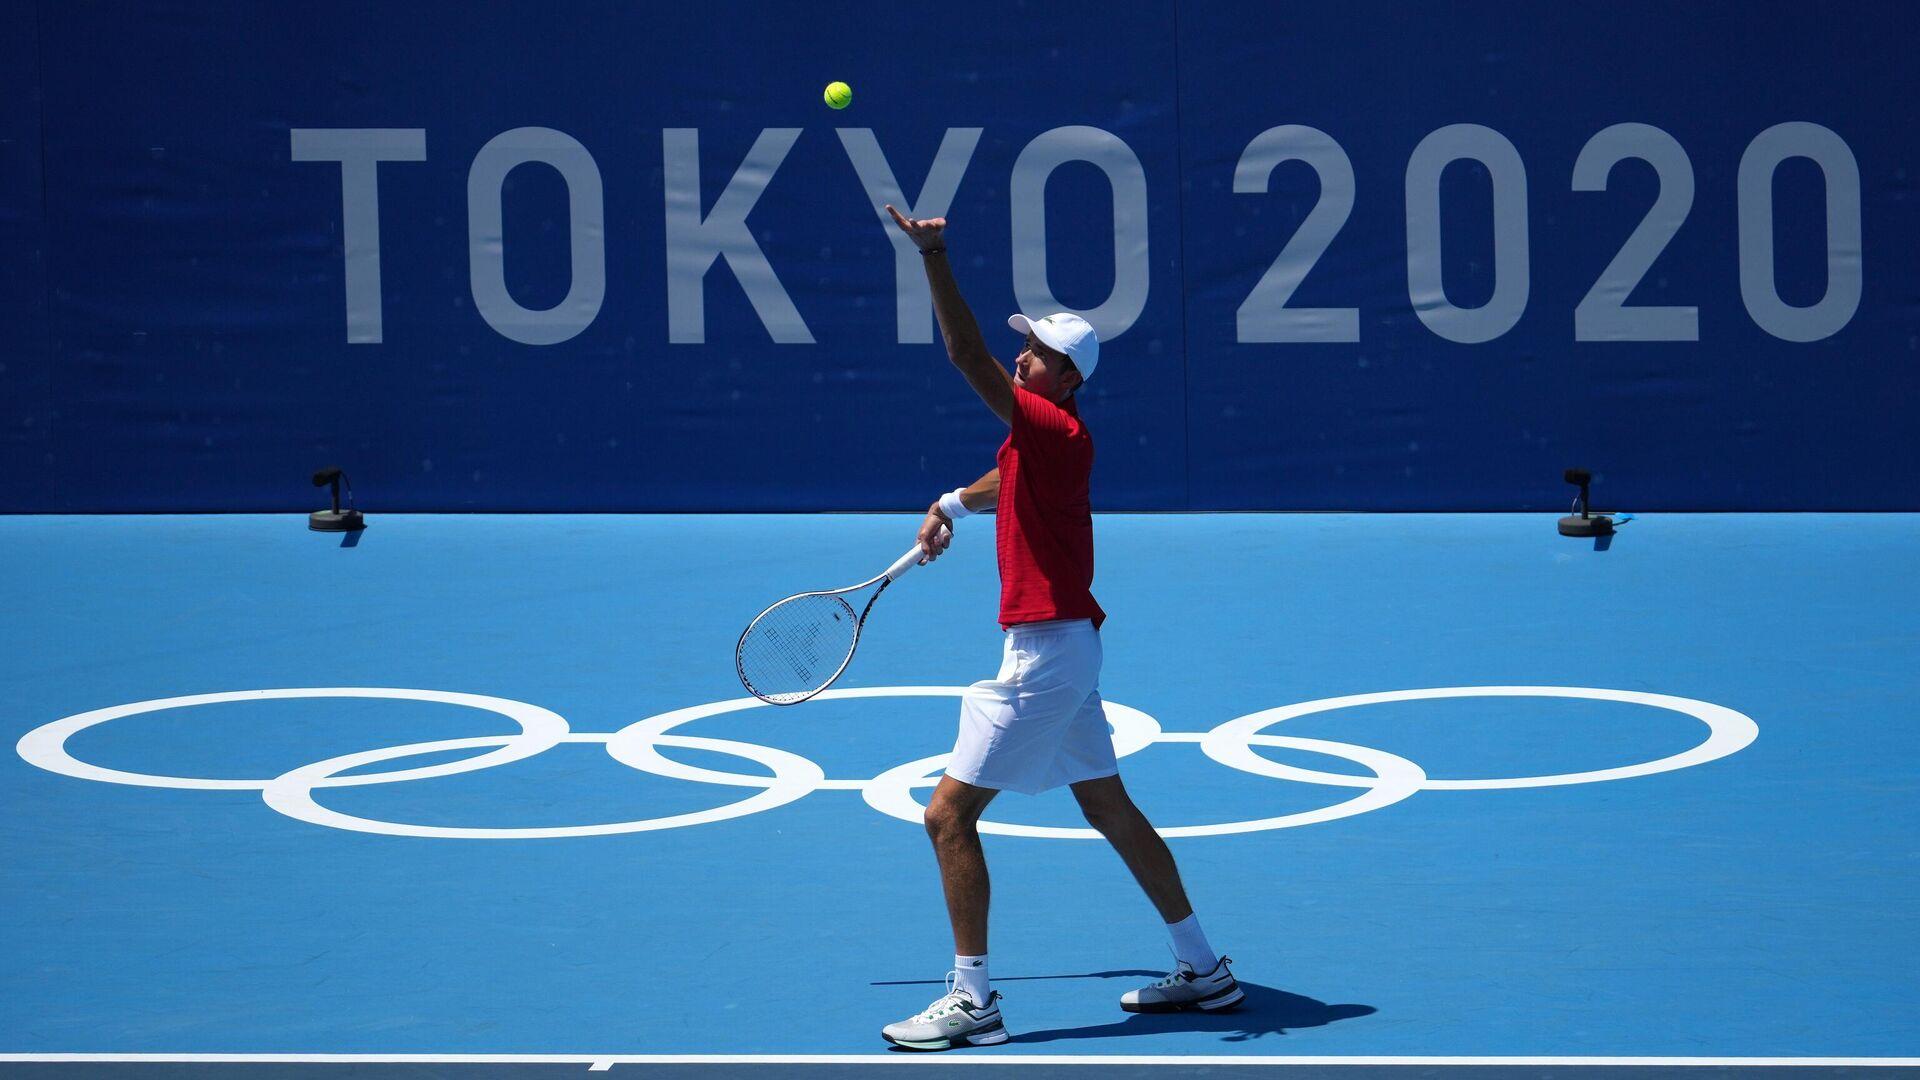 Даниил Медведев на Олимпиаде в Токио - РИА Новости, 1920, 29.07.2021